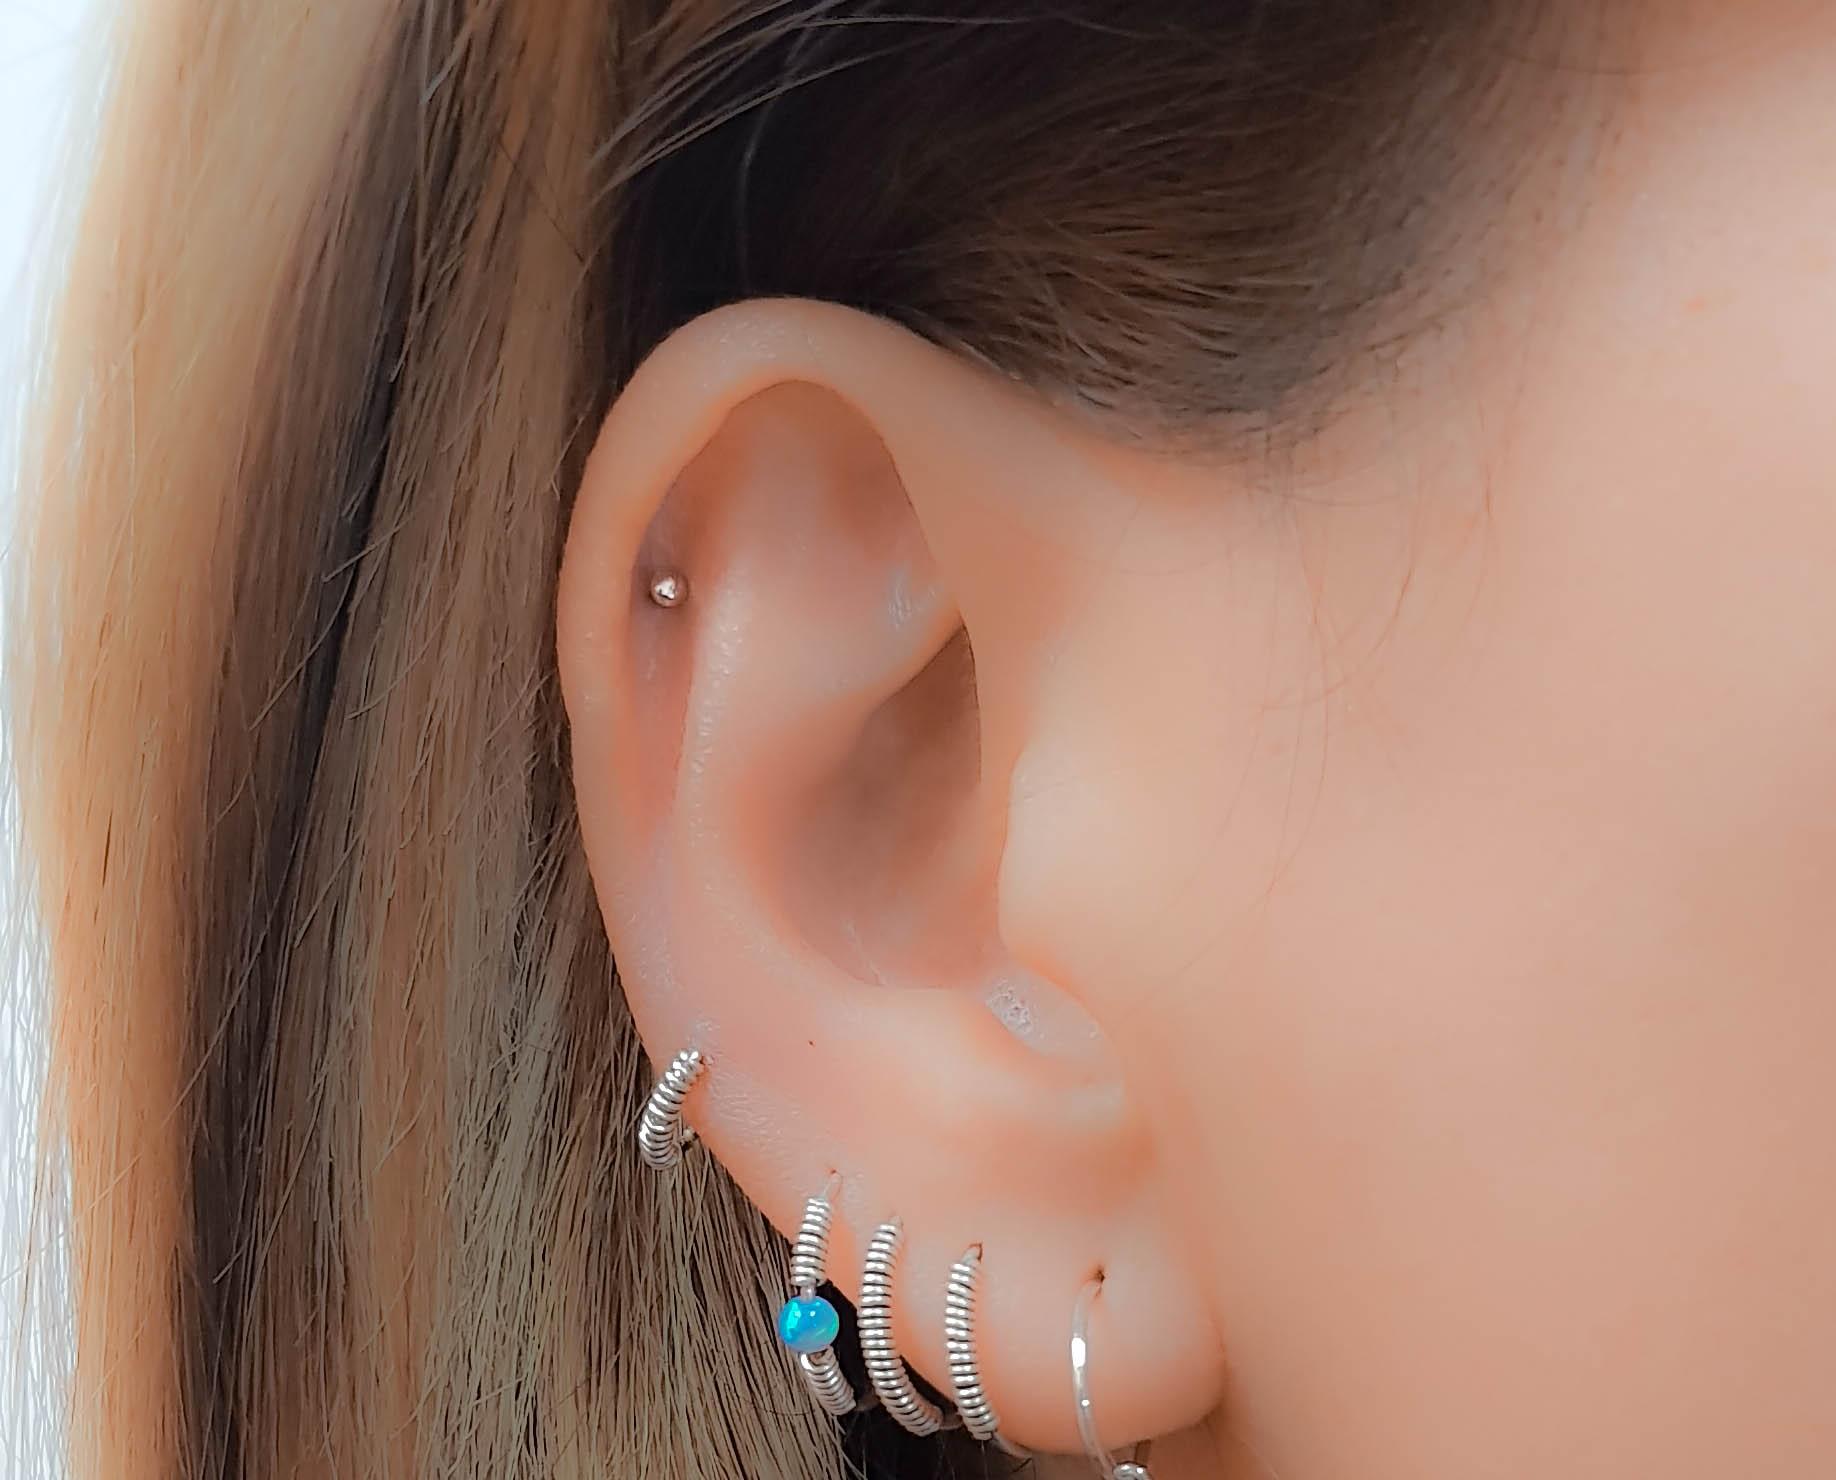 Helix earring, Cartilage earring, Helix piercing, Tiny dot helix earring,  Helix stud earring